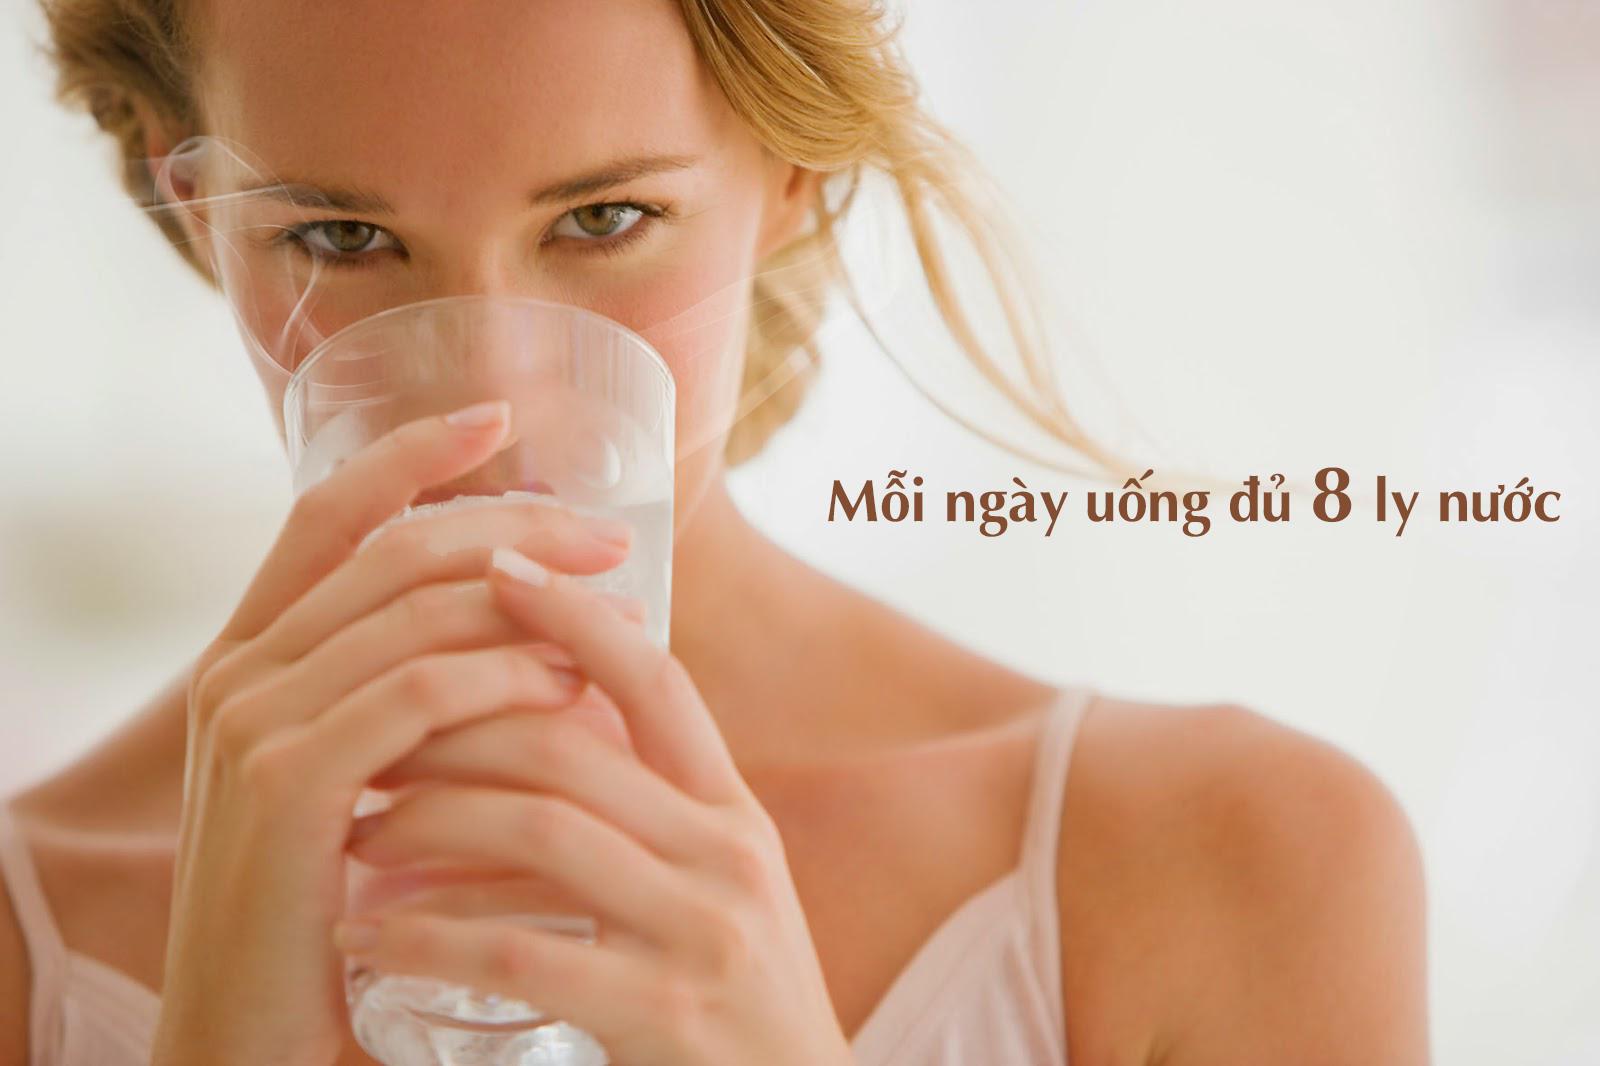 Chế độ ăn uống tốt cho người viêm xoang: 1